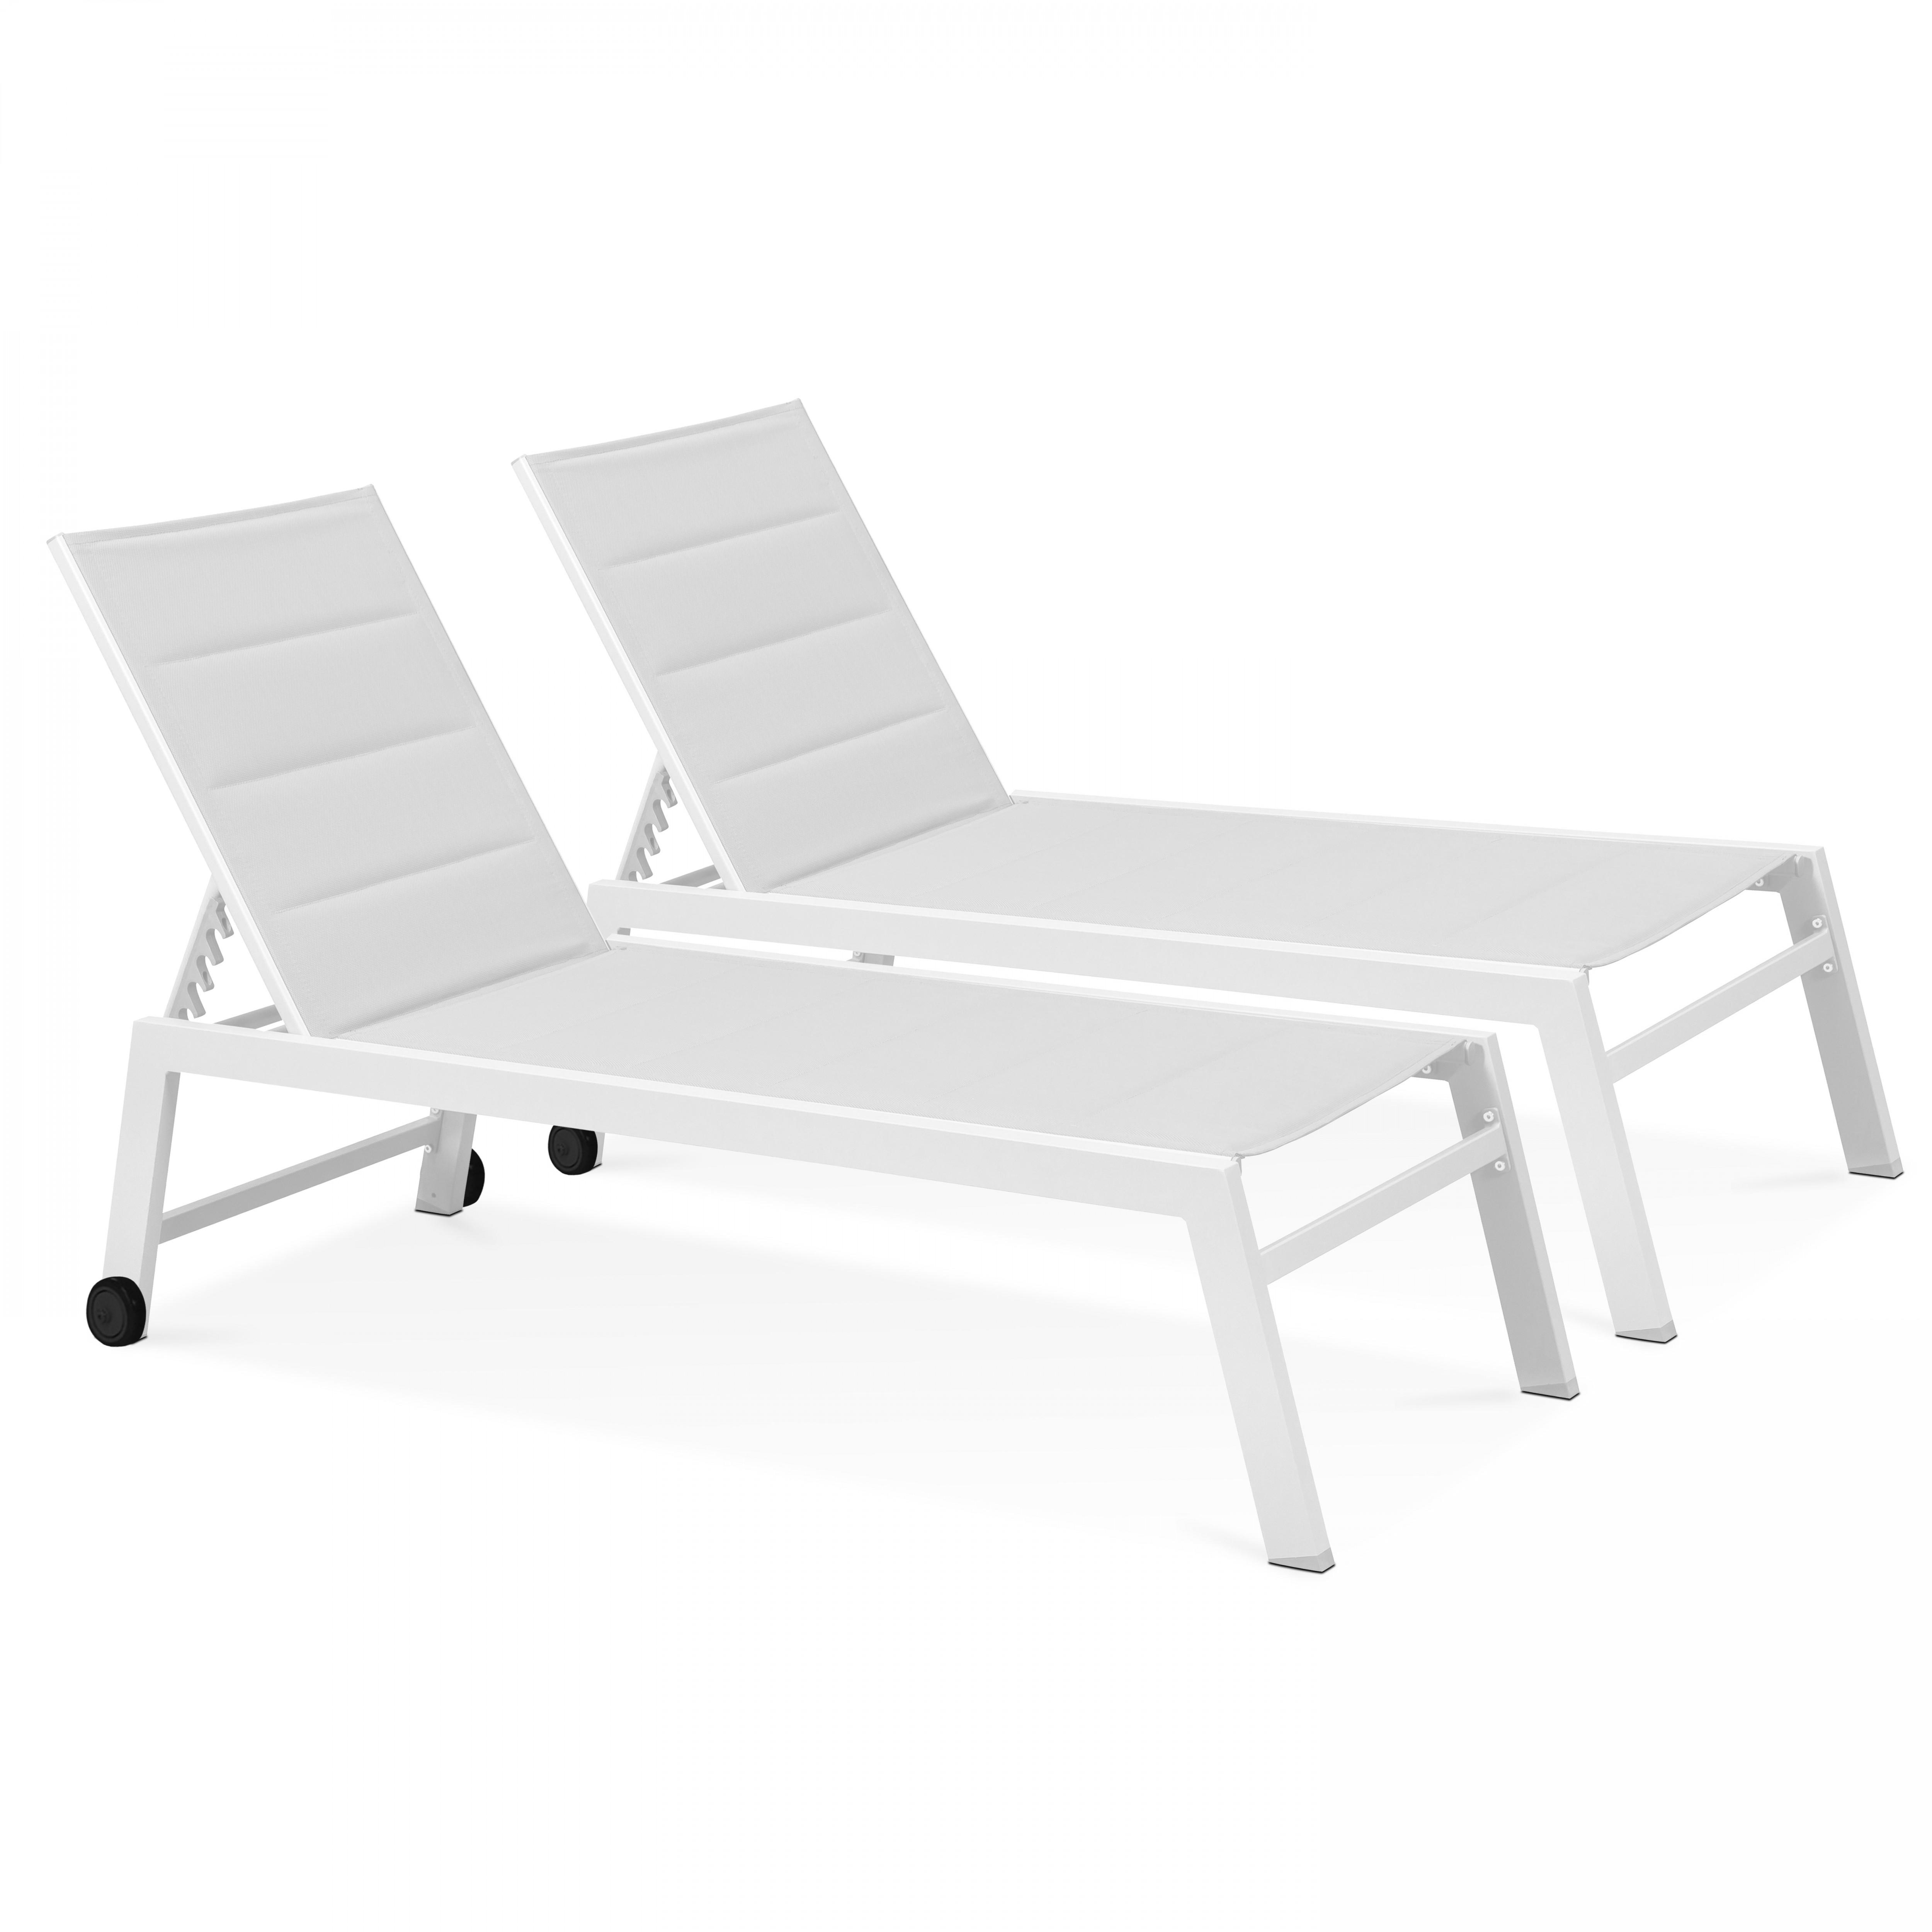 Lot de 2 bains de soleil en aluminium et textilène blanc